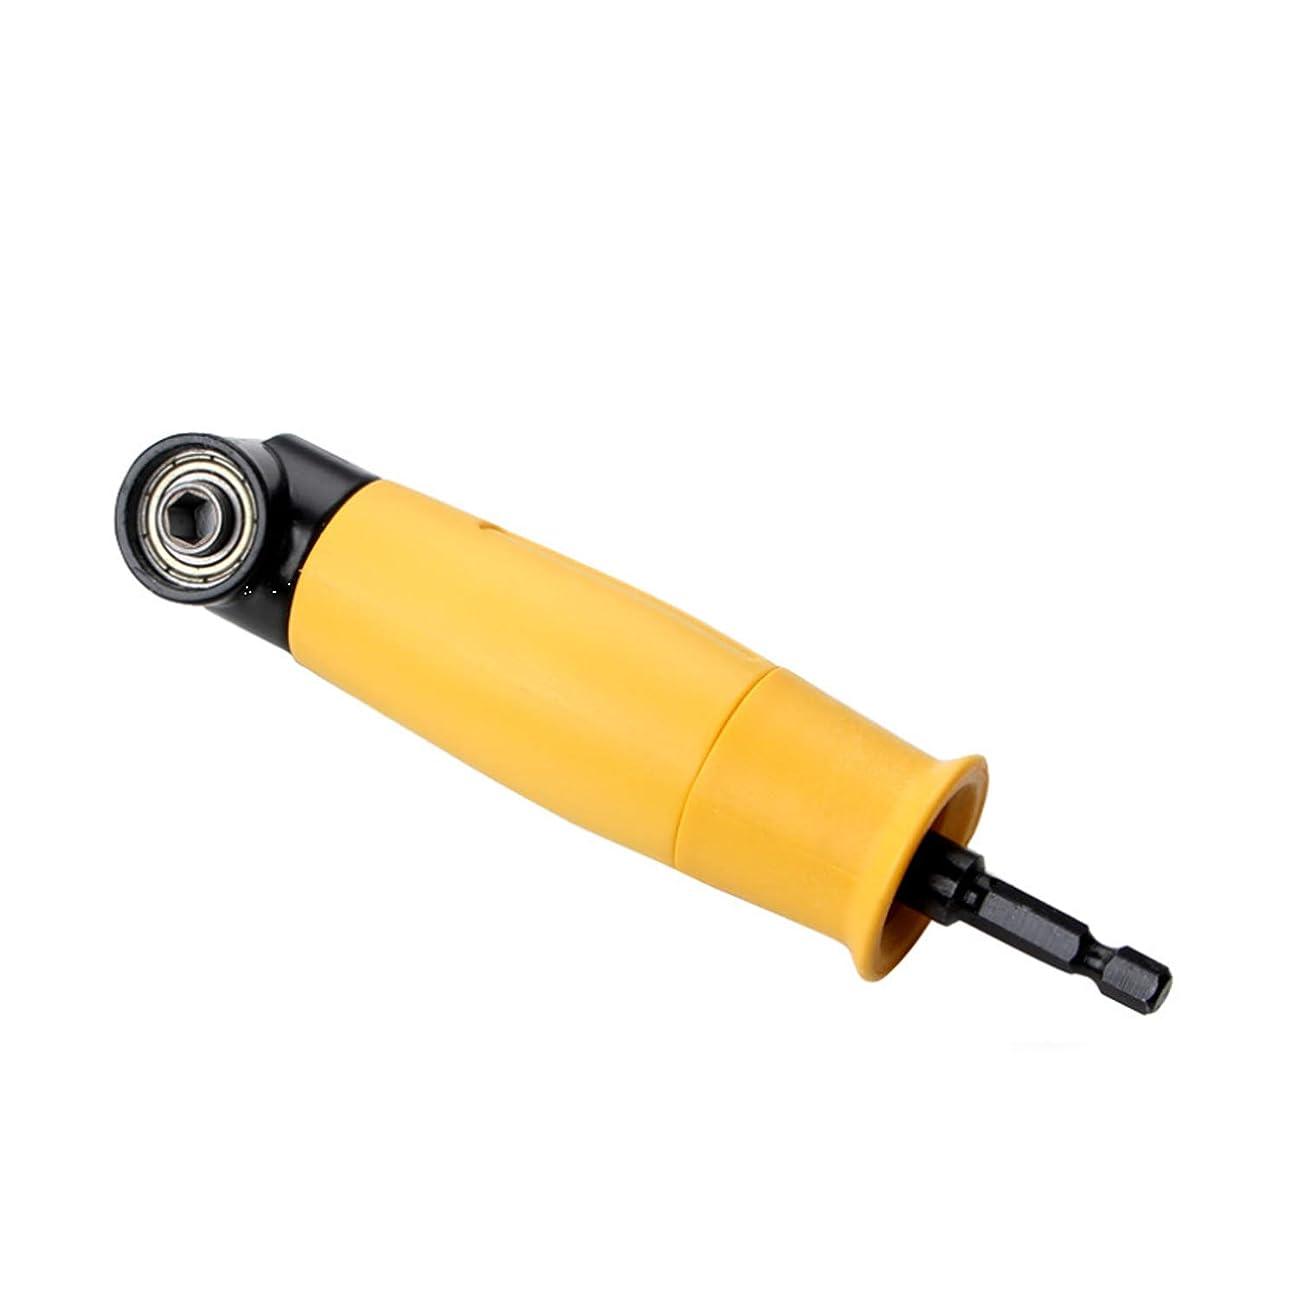 発明する柱ヒュームBTXXYJP 電動ドリル 電動ドライバードリル 直角コーナーラー 90度バッチベンダー